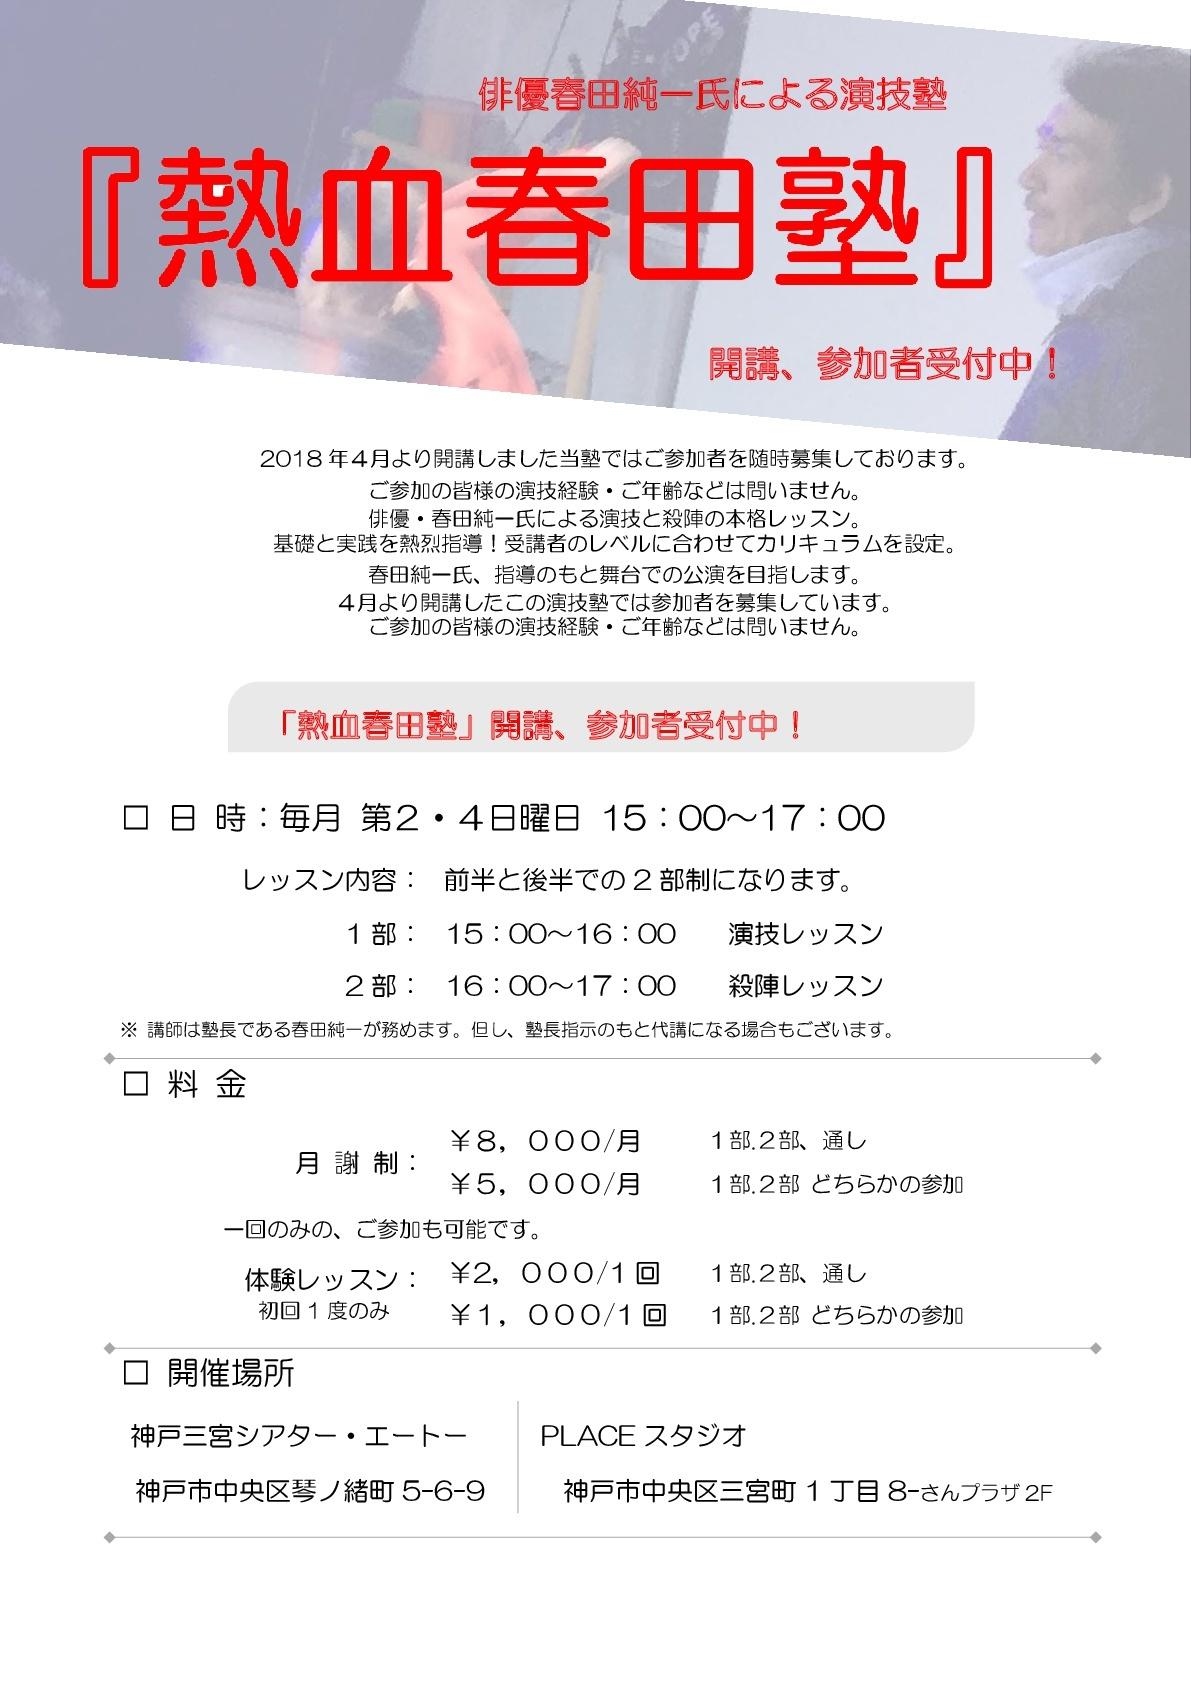 「熱血春田塾」開講、参加者受付中!_c0330019_17224564.jpg